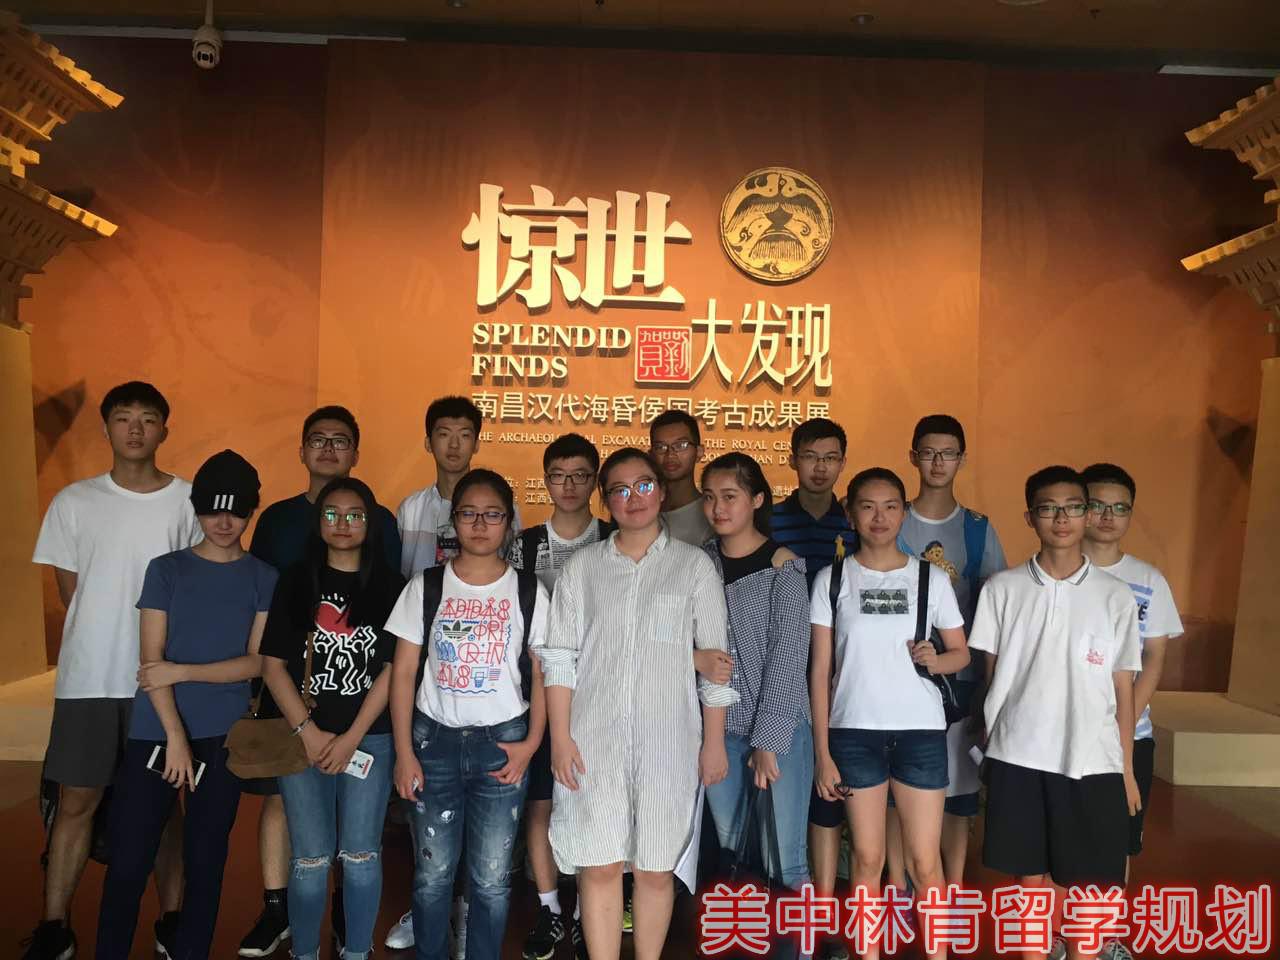 美中林肯留学规划组织学生参加海昏侯展活动